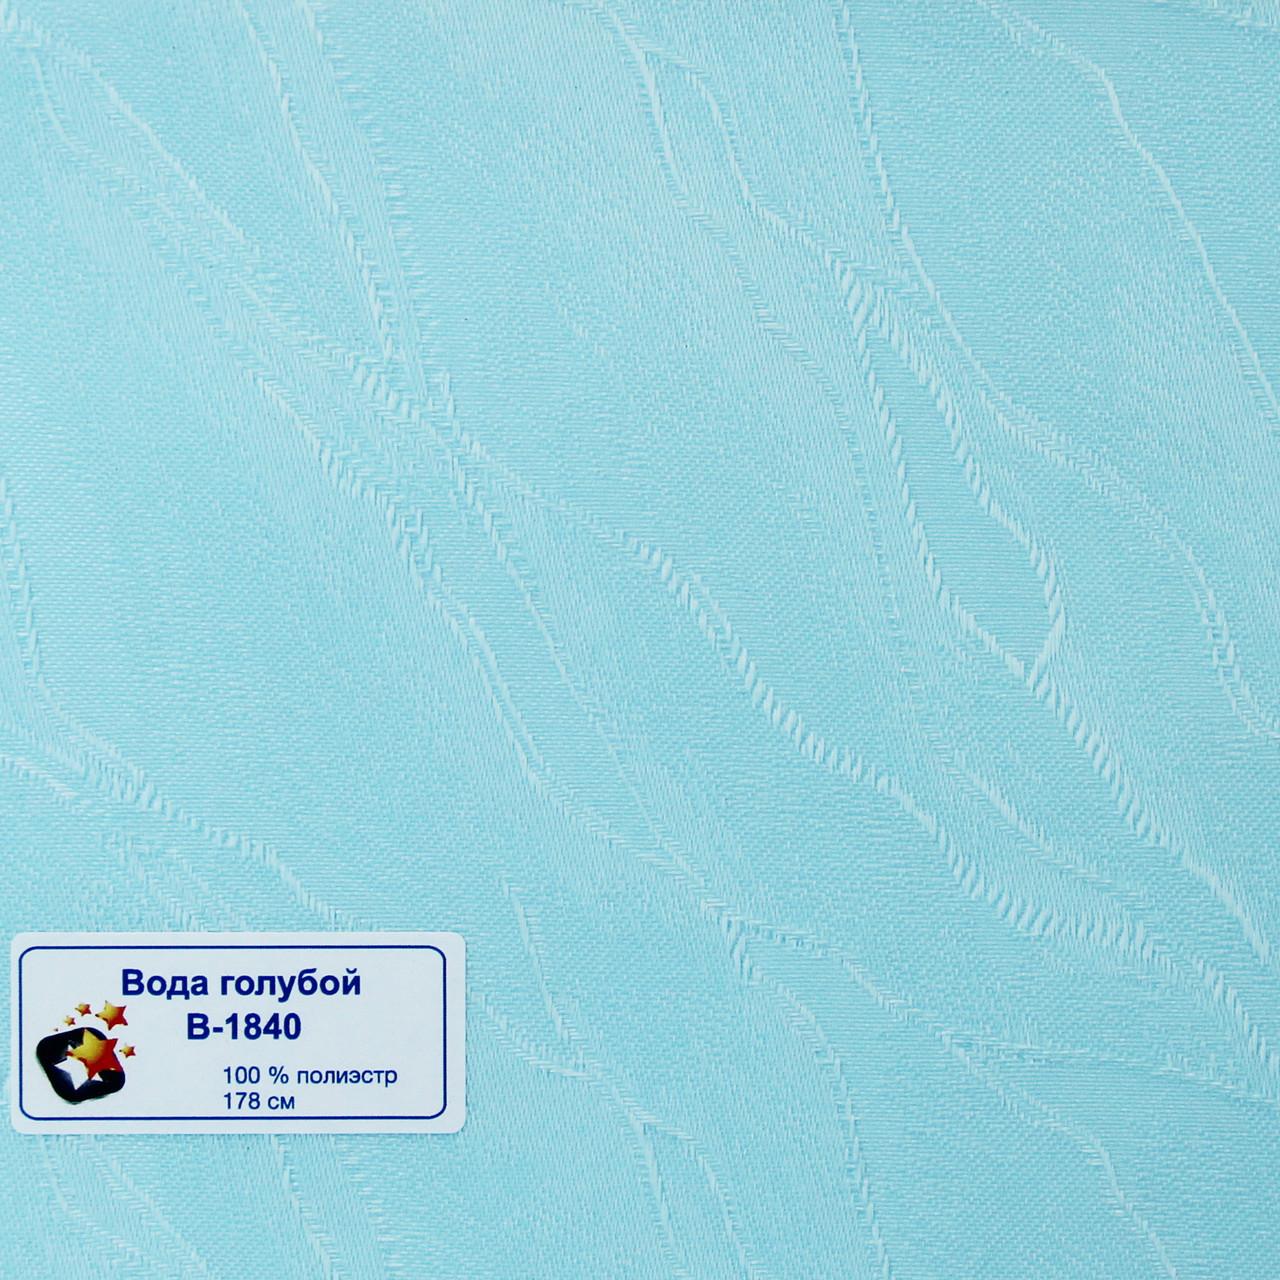 Рулонные шторы Ткань Вода 1840 Голубой